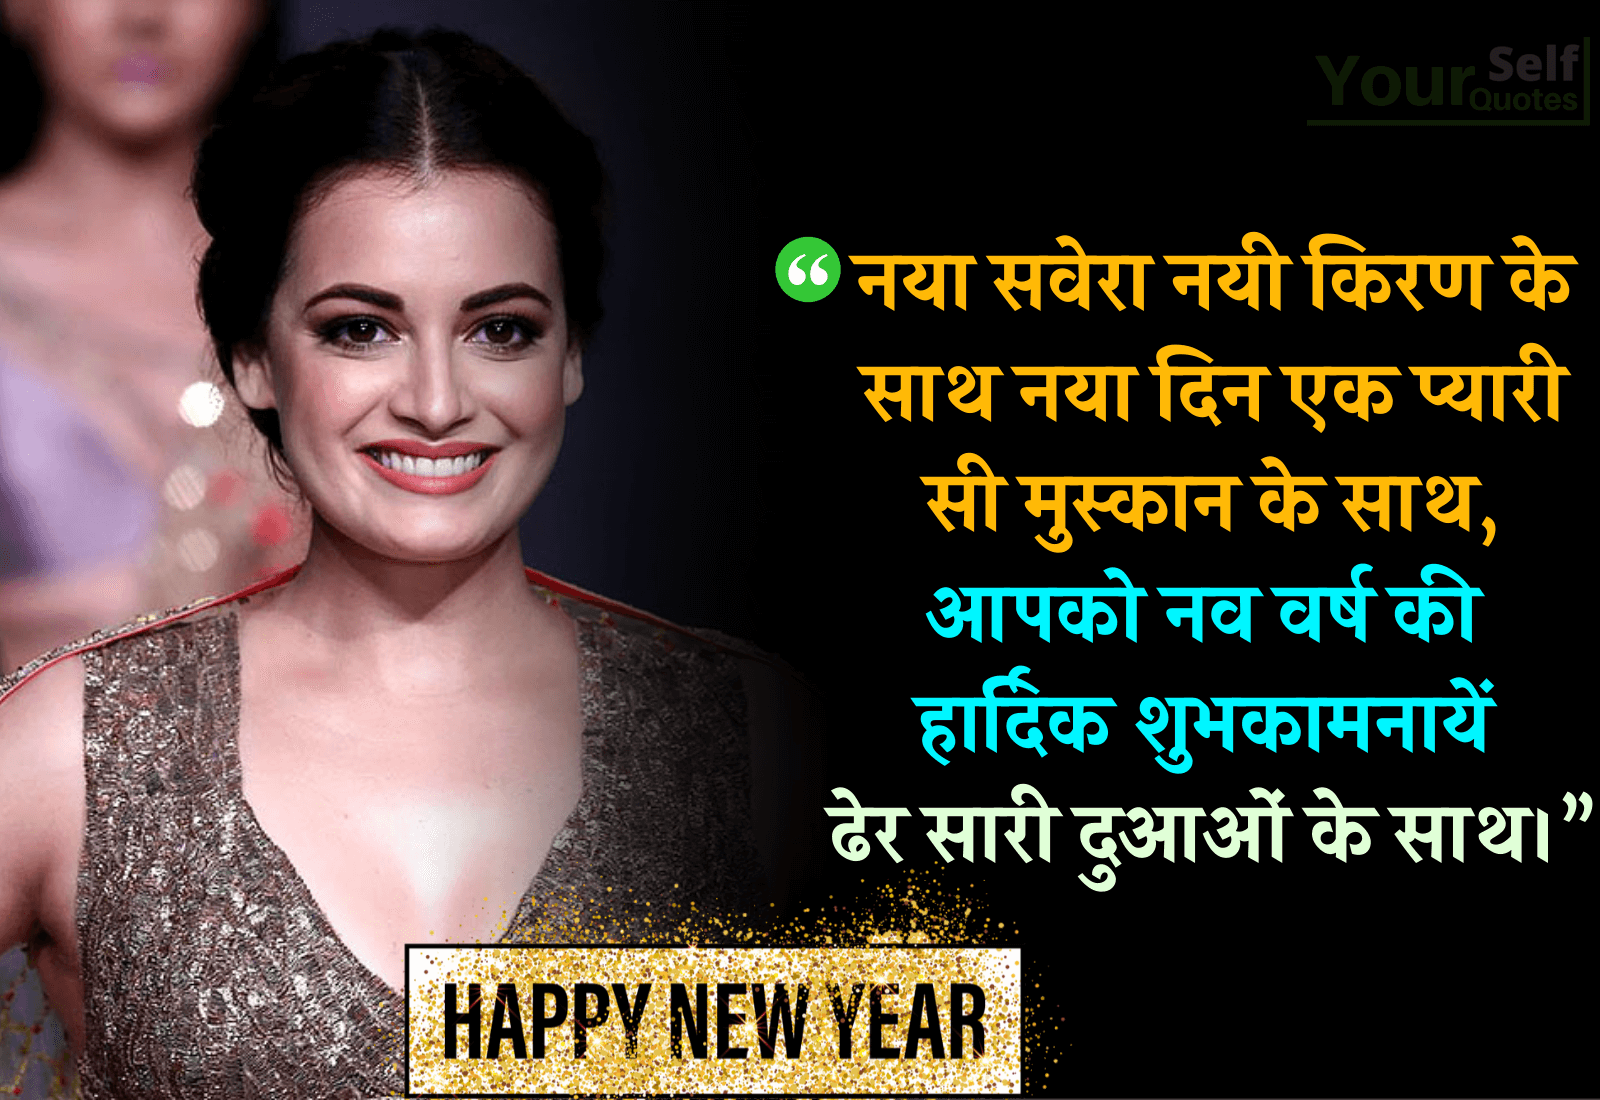 New Year Shayari for Girlfriend in Hindi